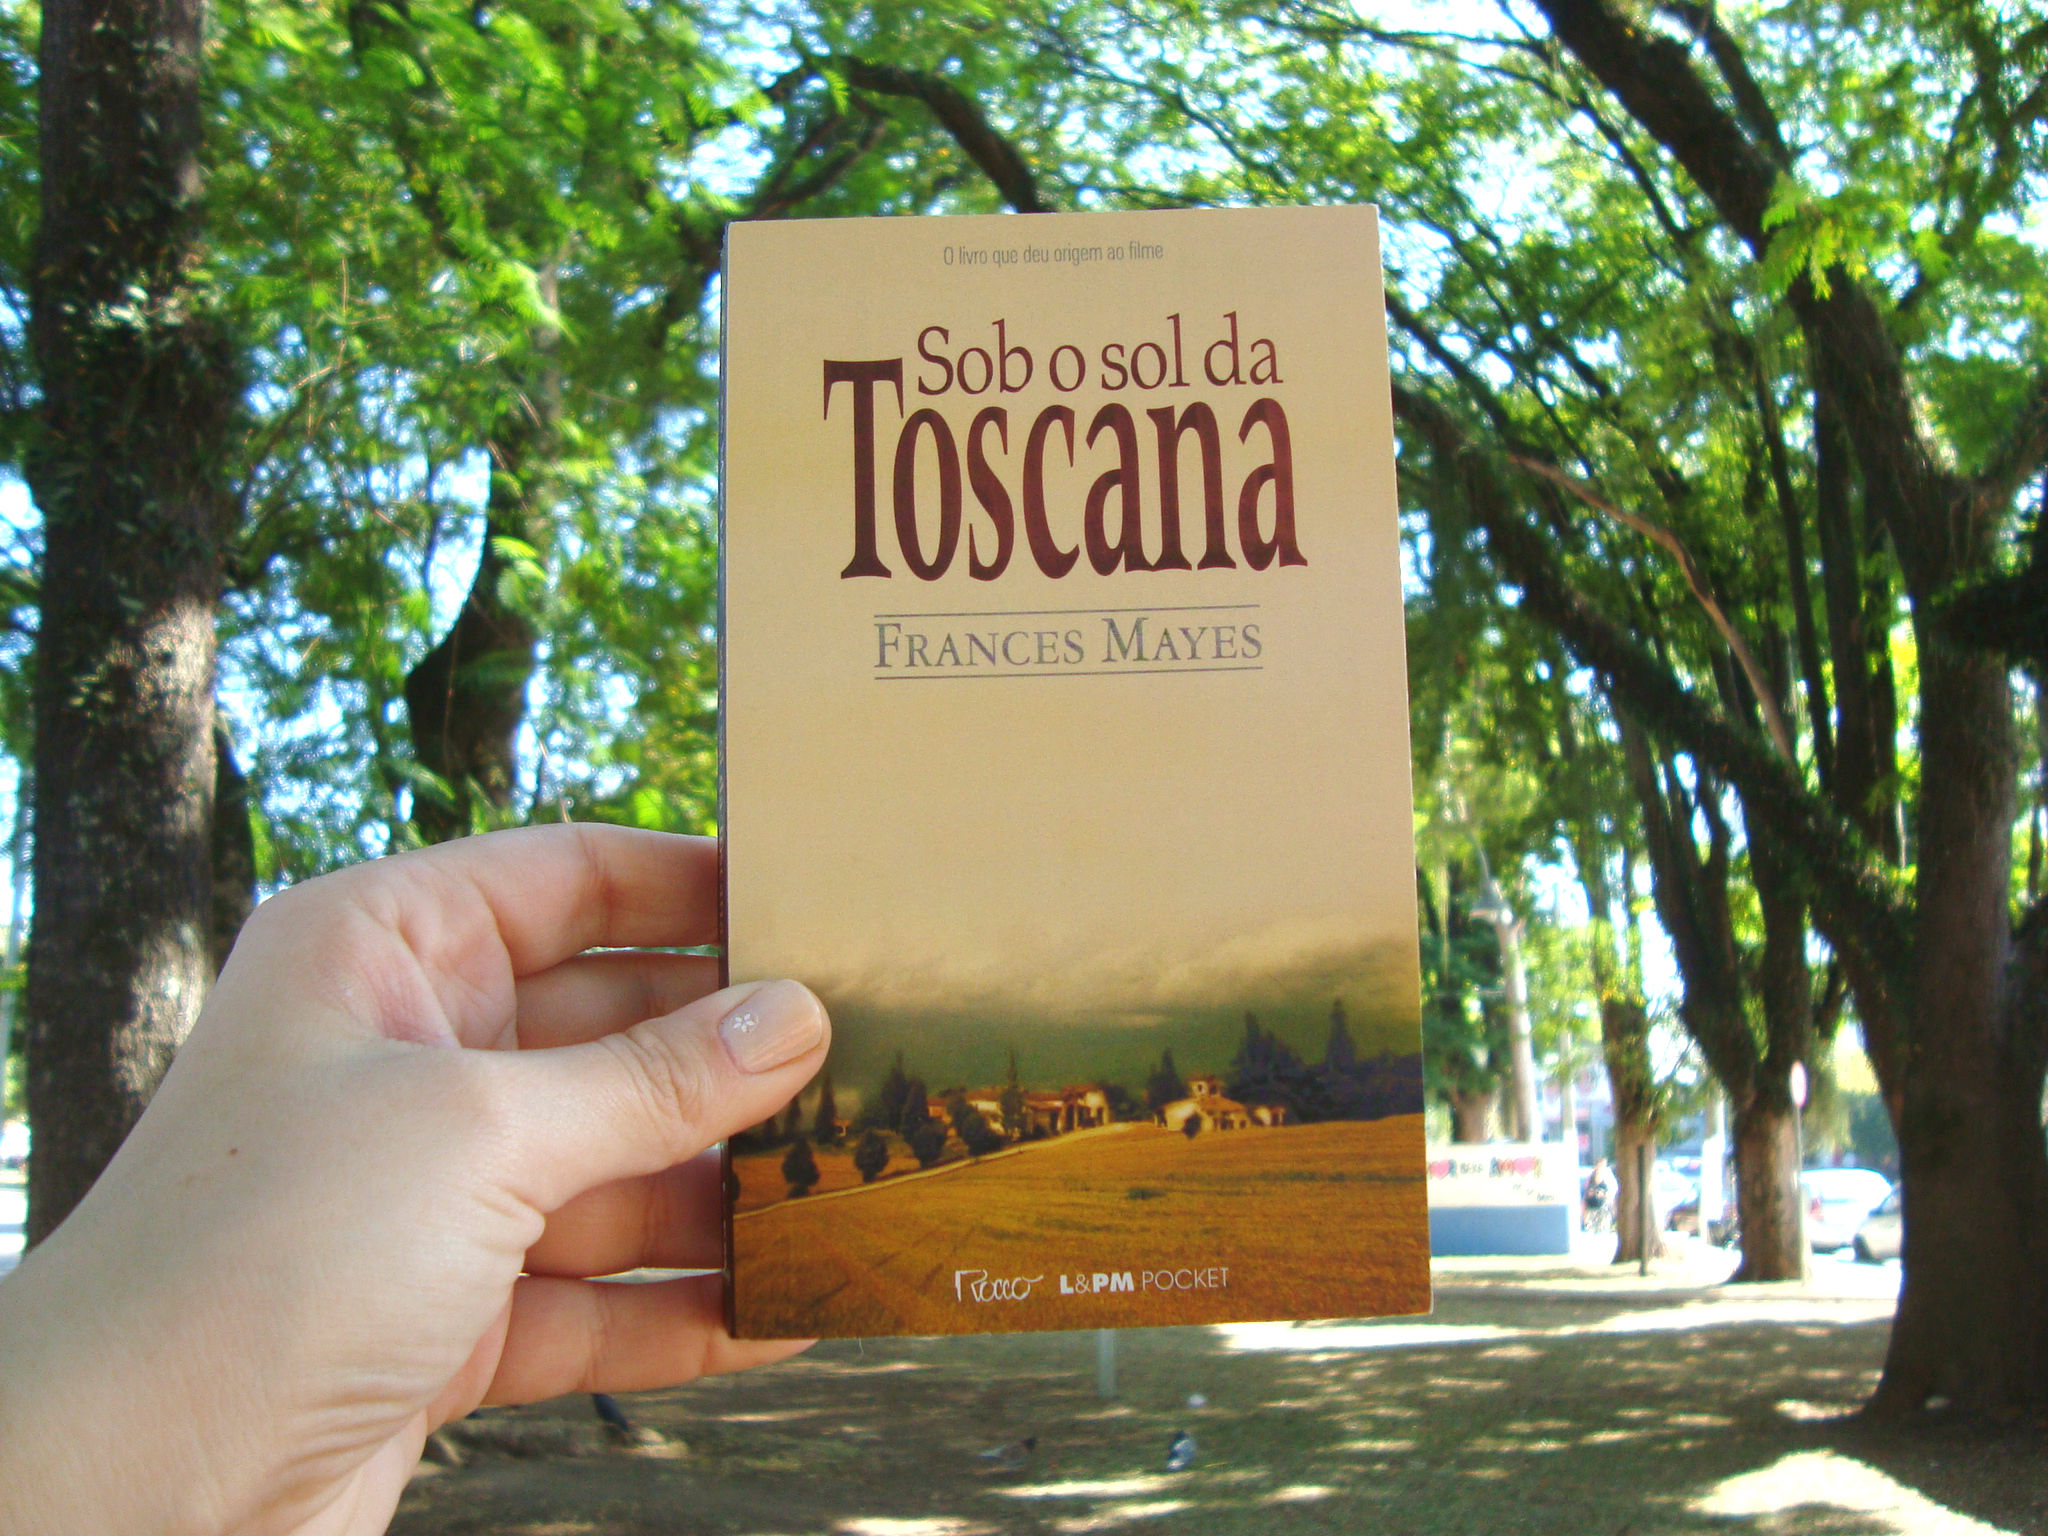 Capa do livro Sob o sol da Toscana